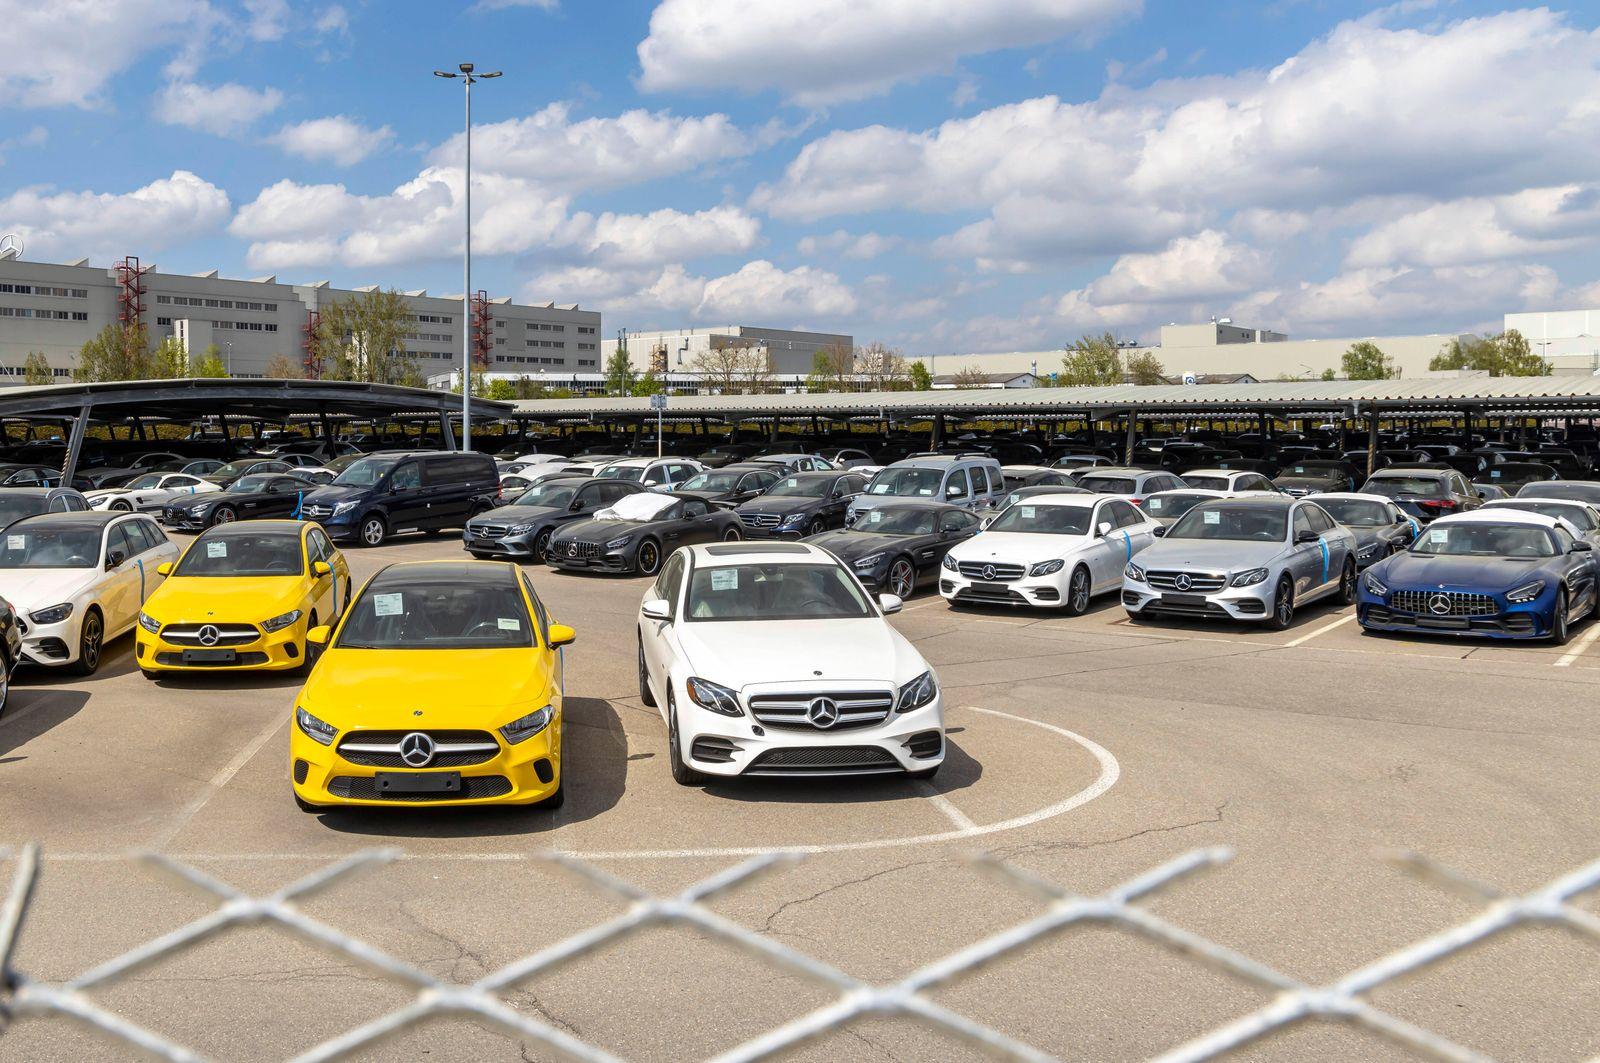 DEU; Deutschland, Baden-W¸rttemberg, Sindelfingen, 19.04.2020 - Fahrzeuge von Mercedes stehen im Werk Sindelfingen zur